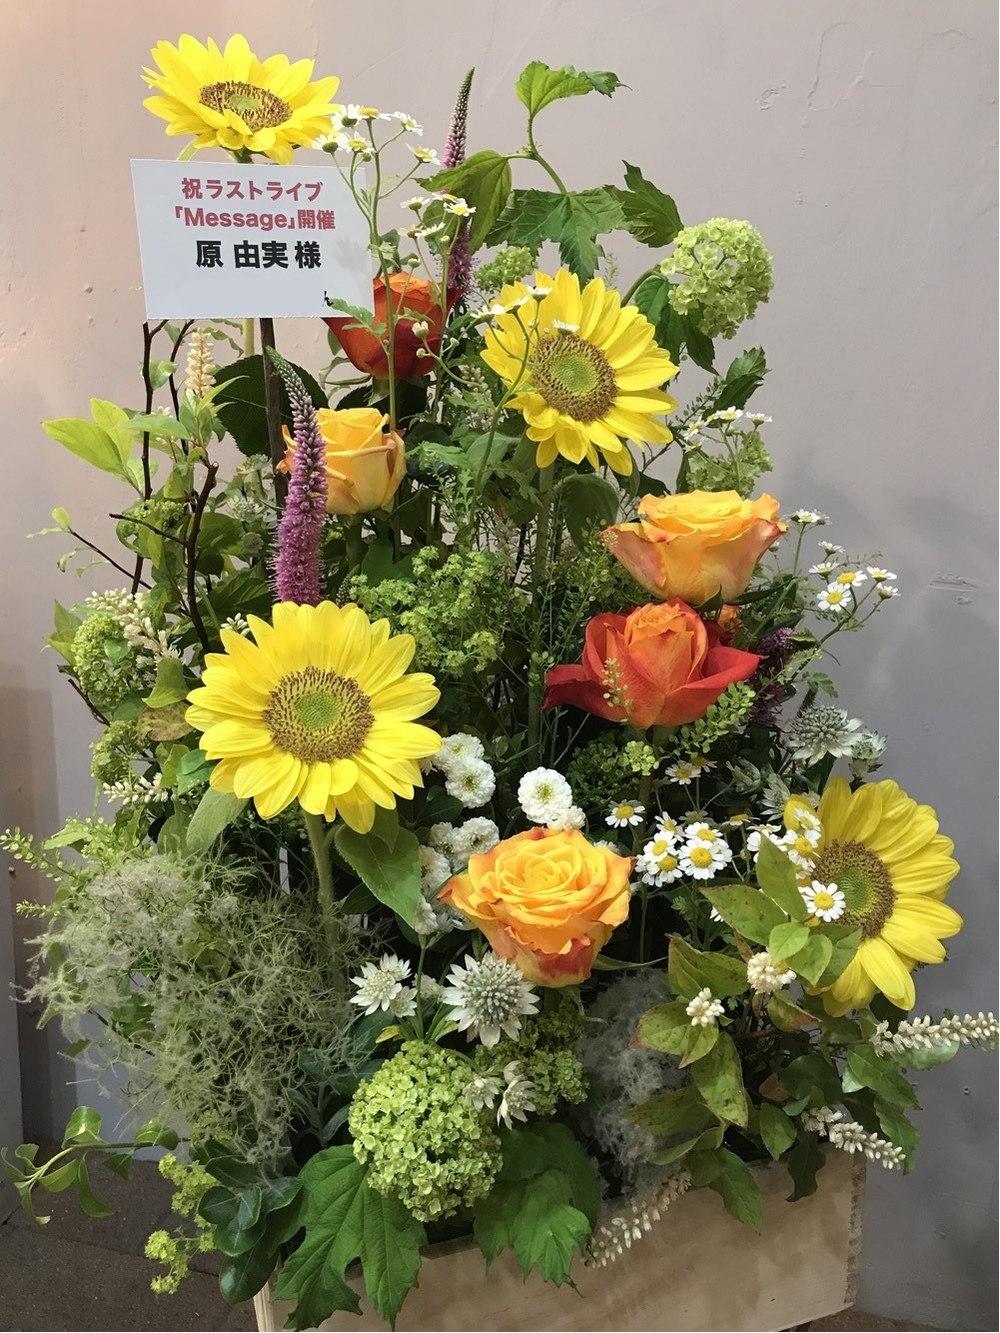 下北沢GARDEN ライブ[Message]開催祝いのお花